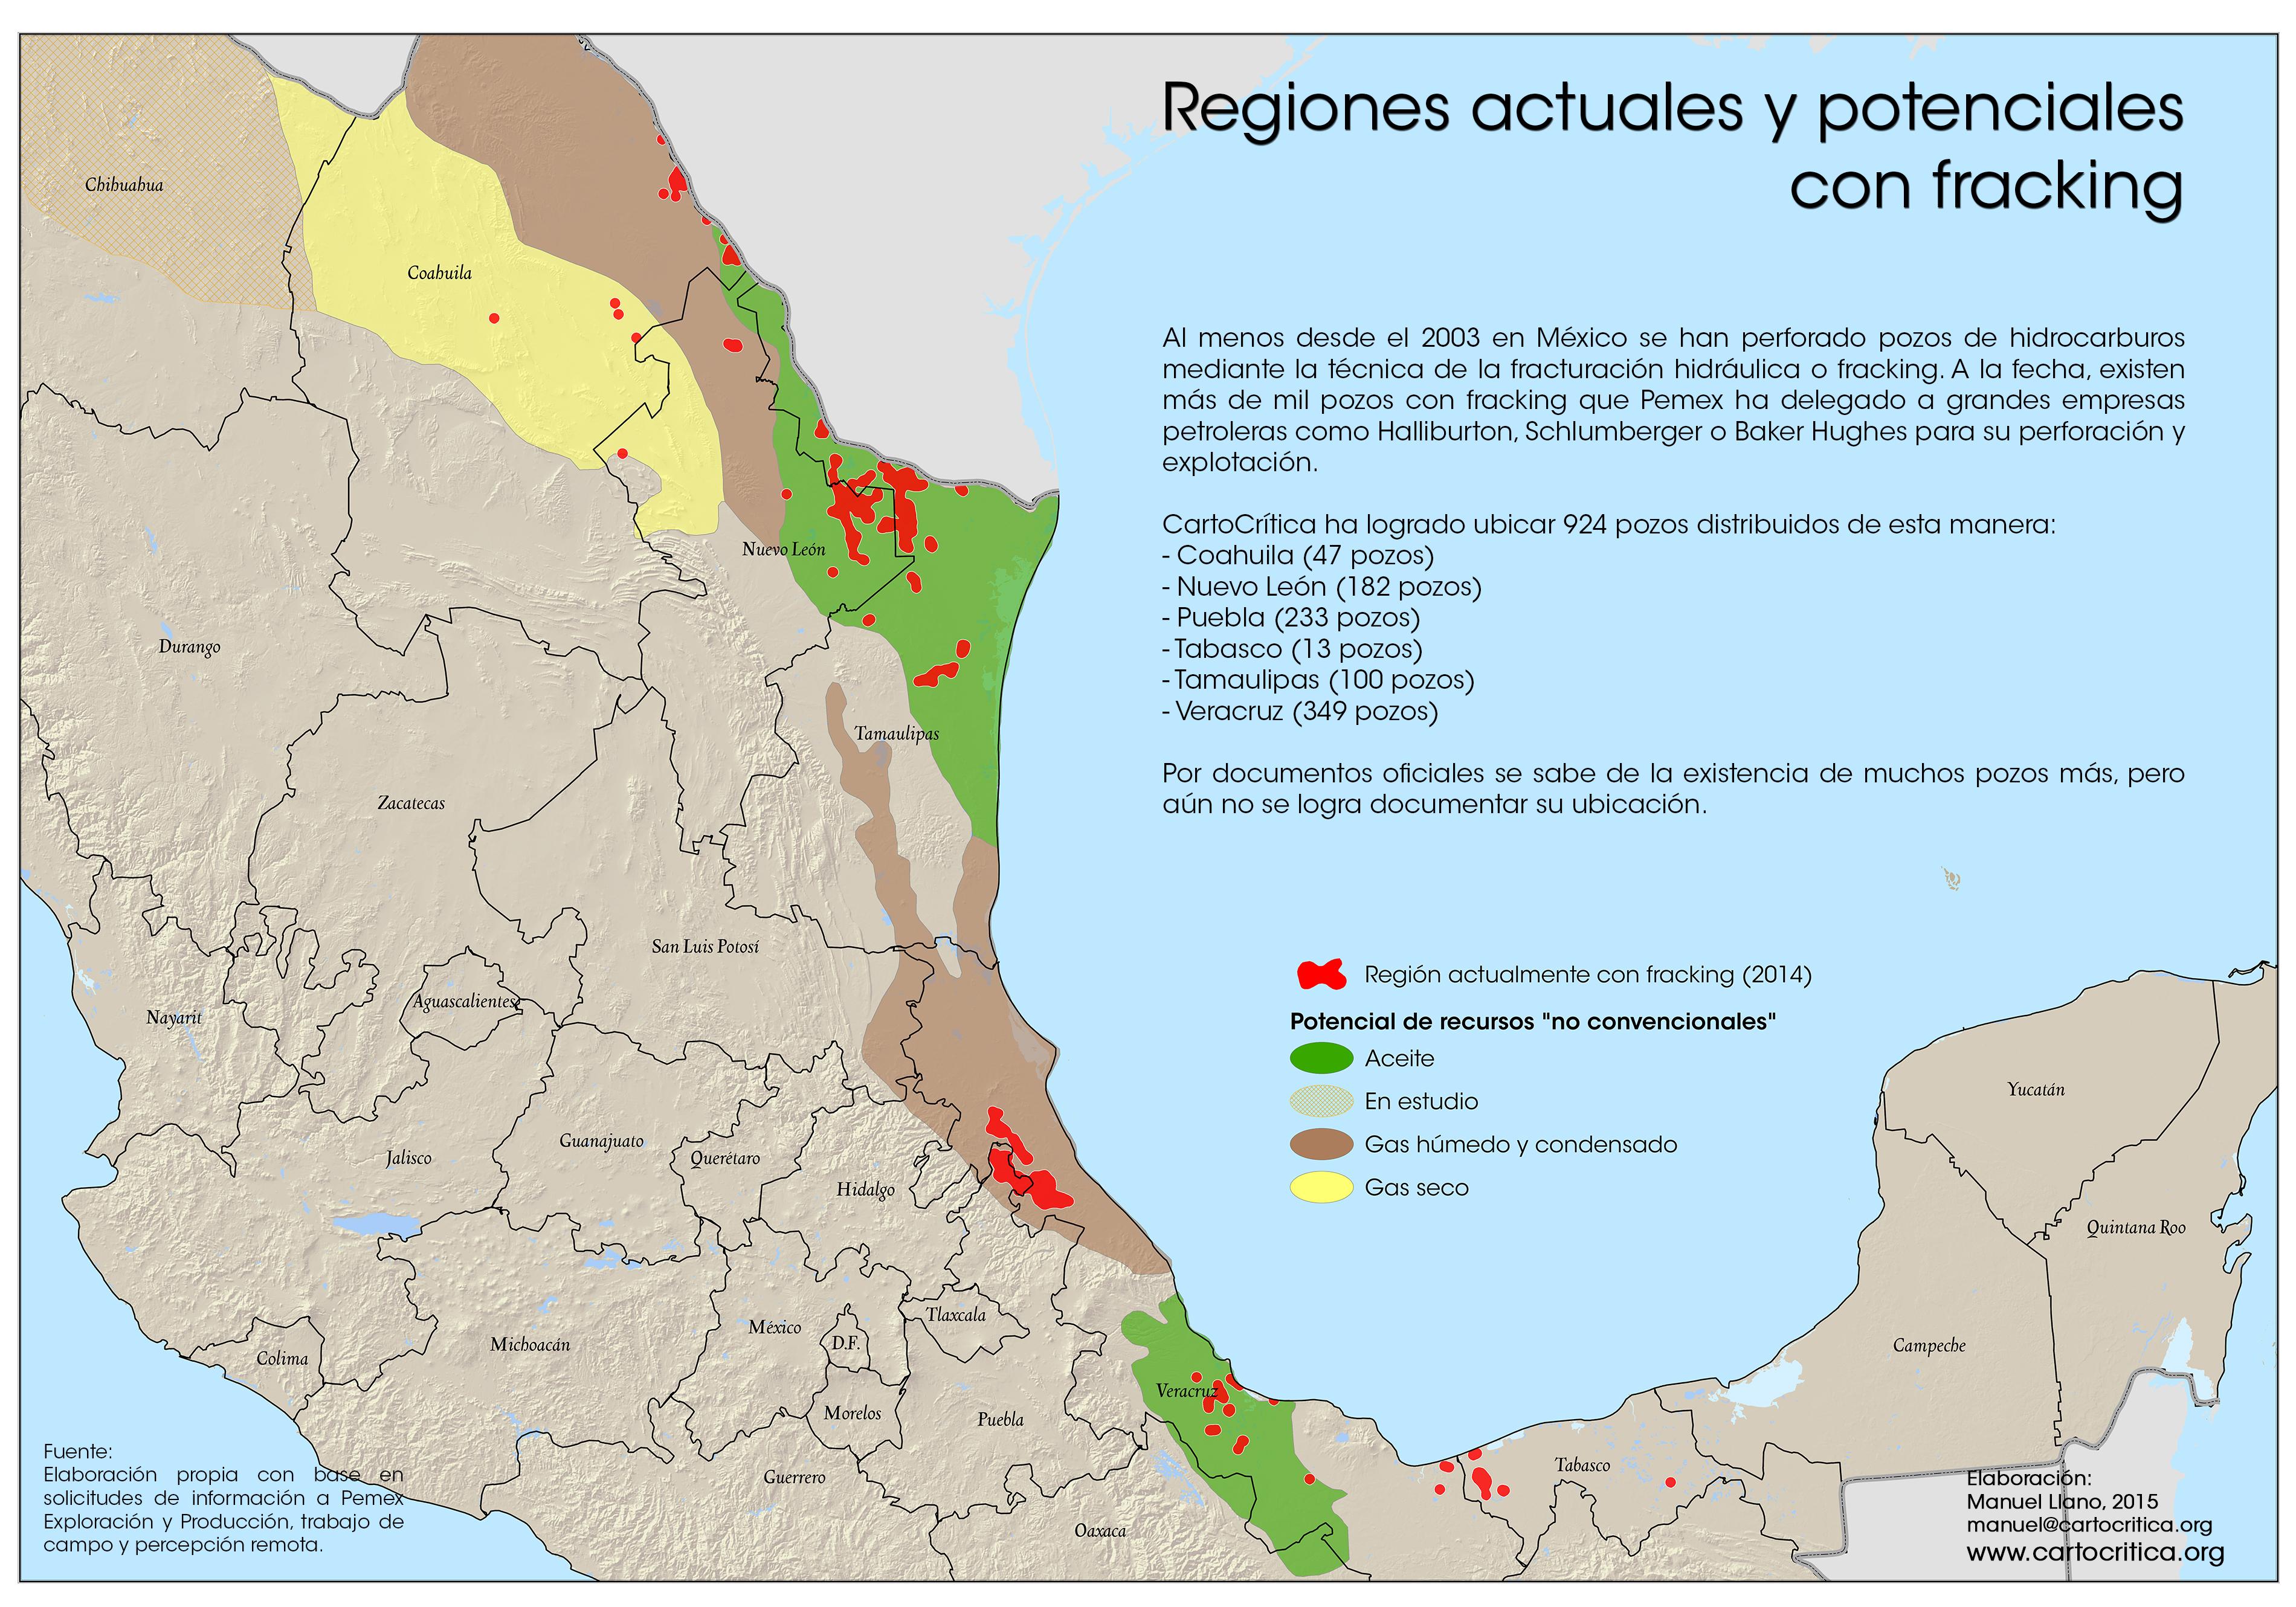 Explosión de fracking en México, apenas el comienzo